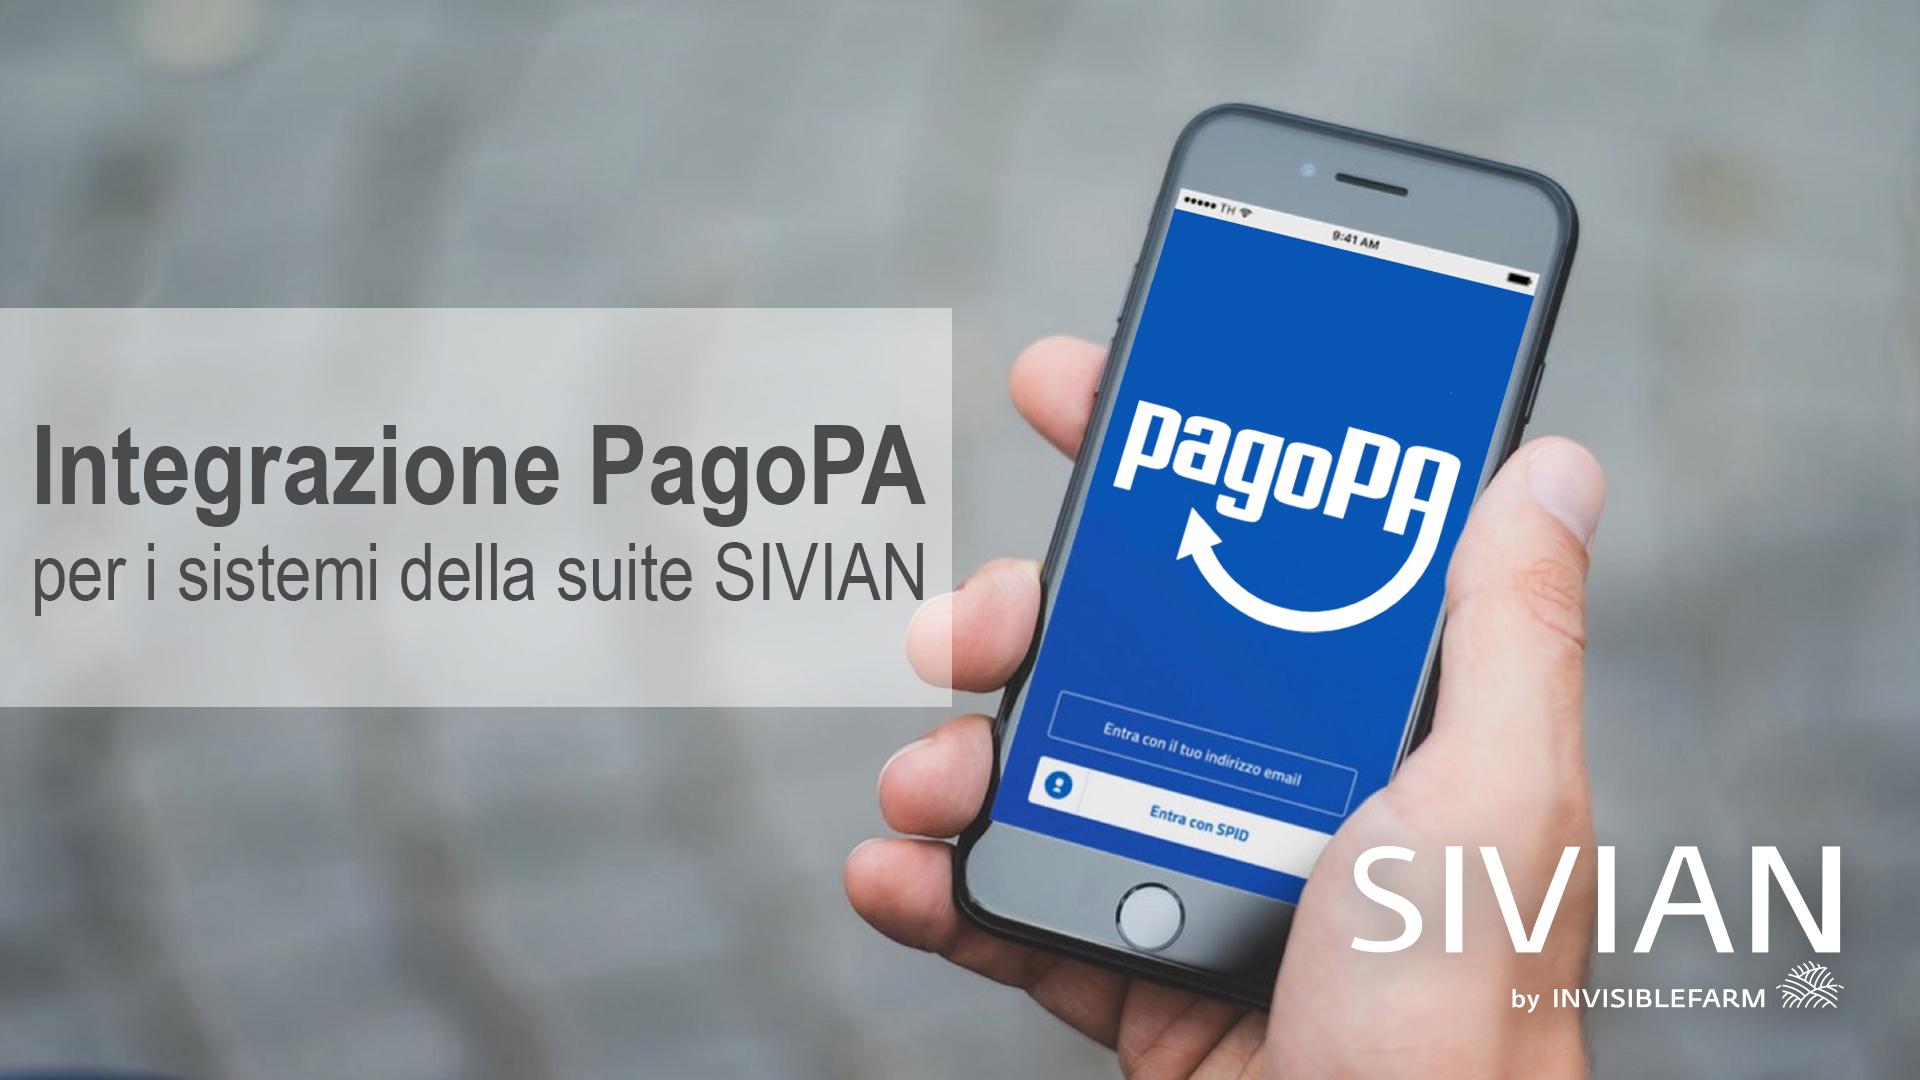 pagopa-sivian